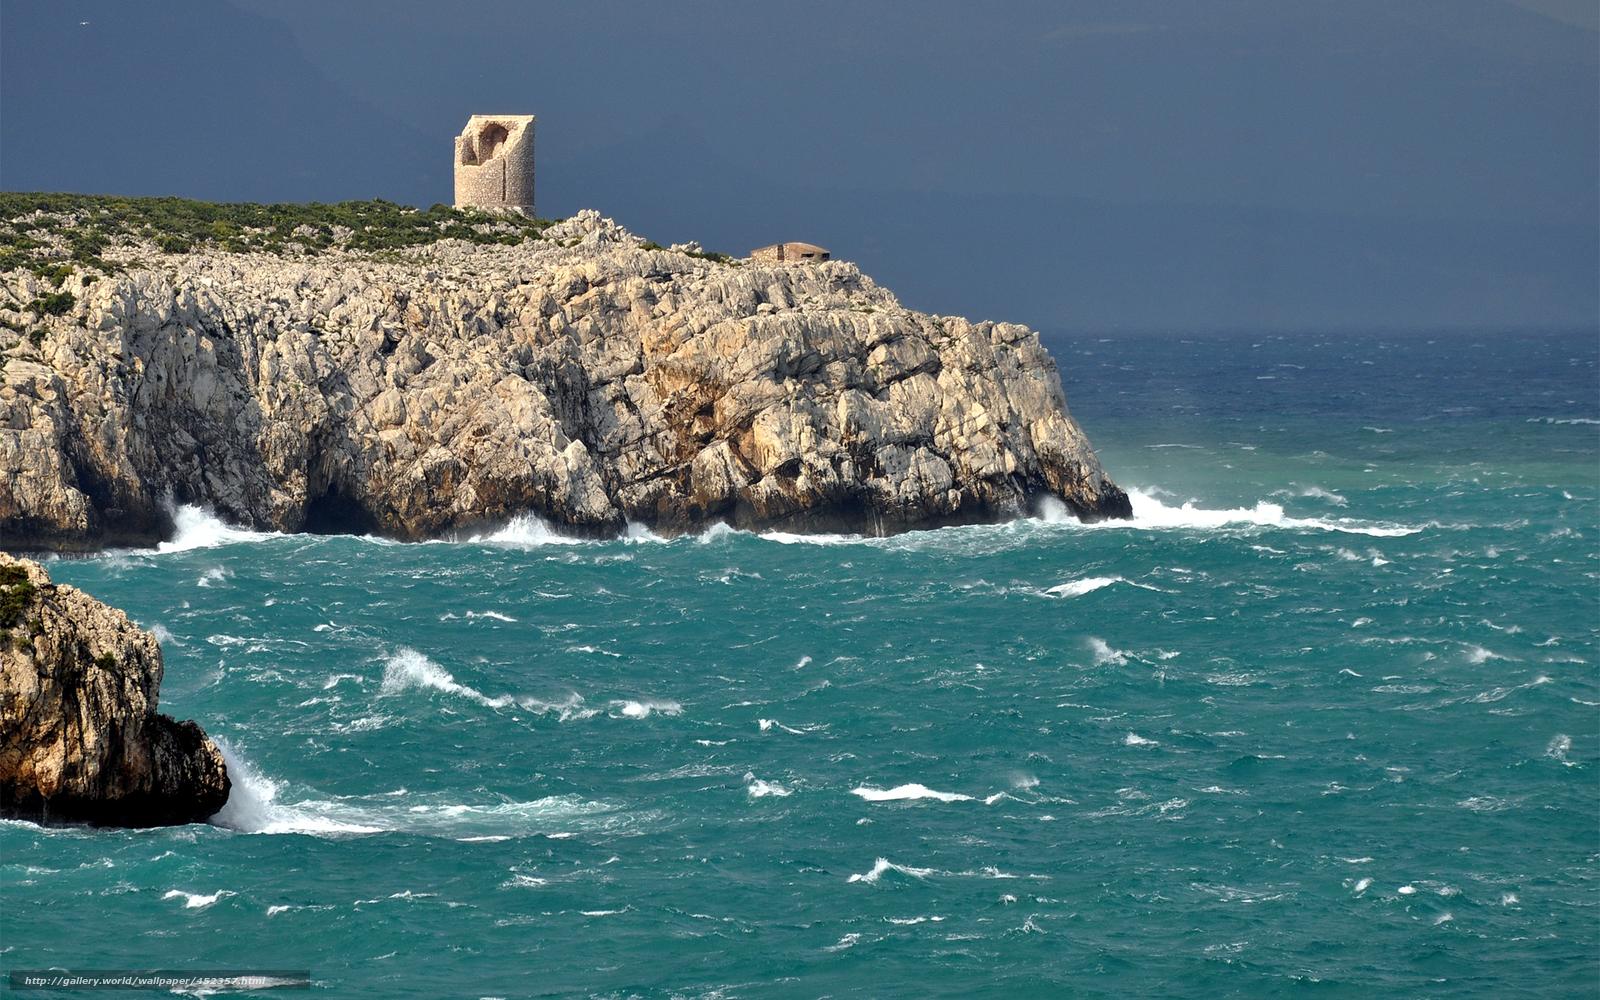 Скачать обои море,  скалы,  берег,  камни бесплатно для рабочего стола в разрешении 1920x1200 — картинка №452357